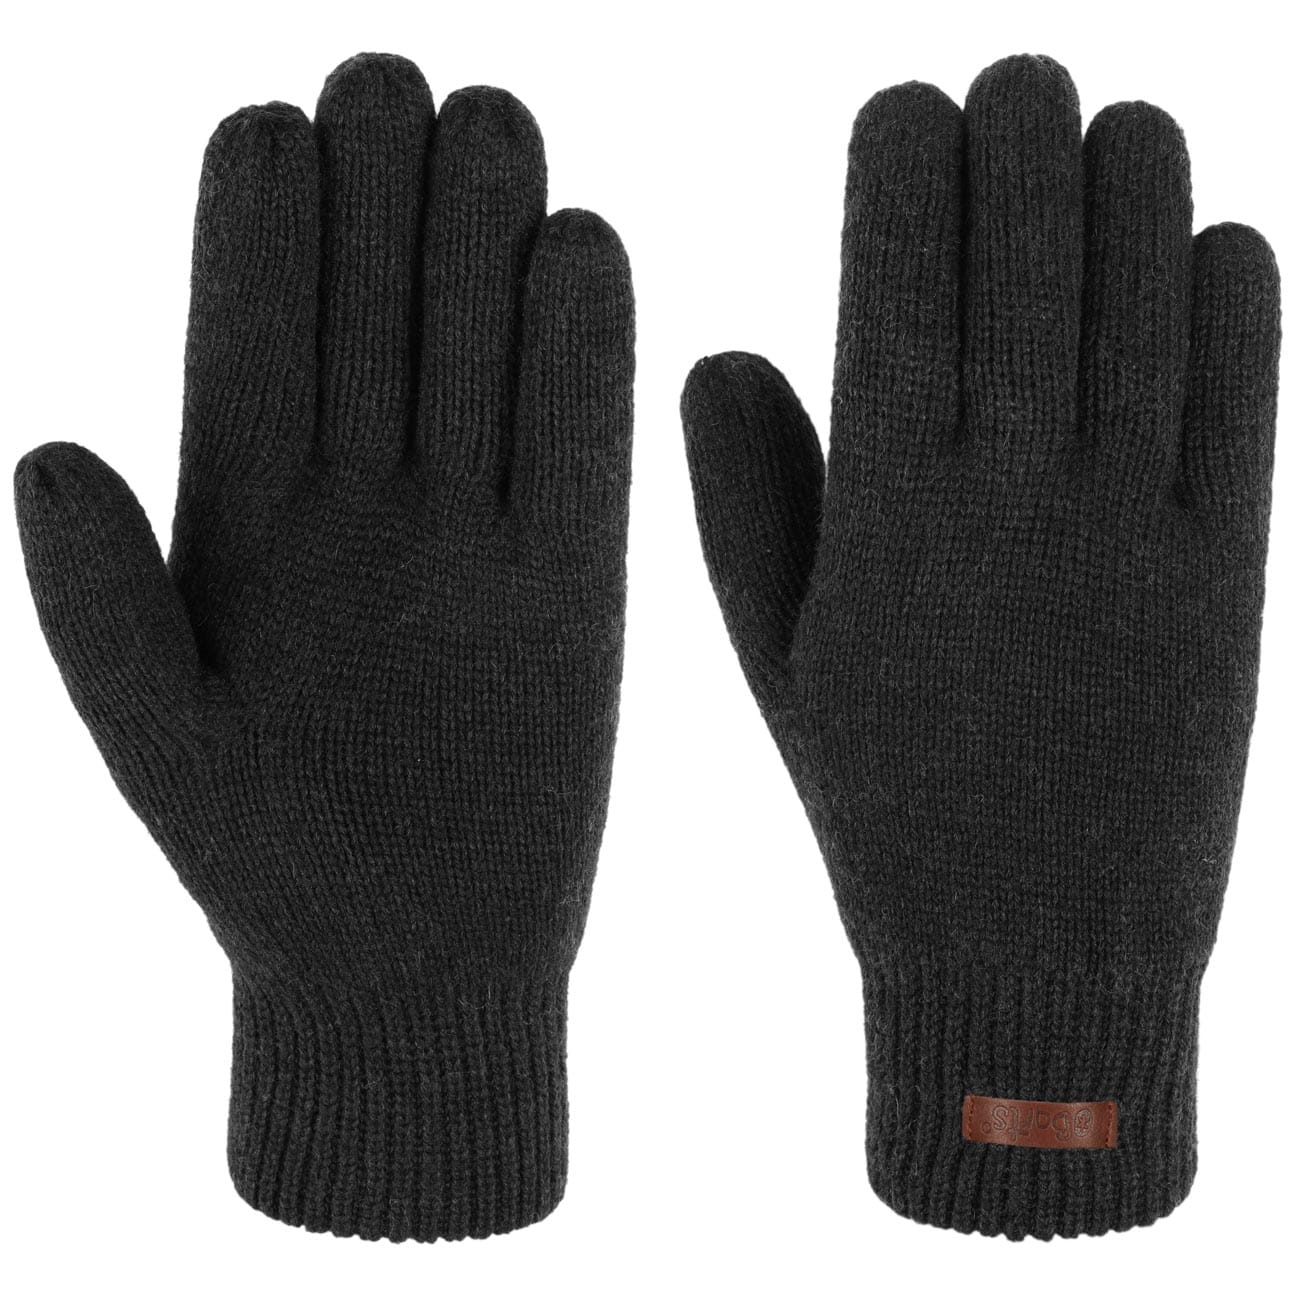 Guantes de Ni?o Haakon by Barts  guantes con dedos